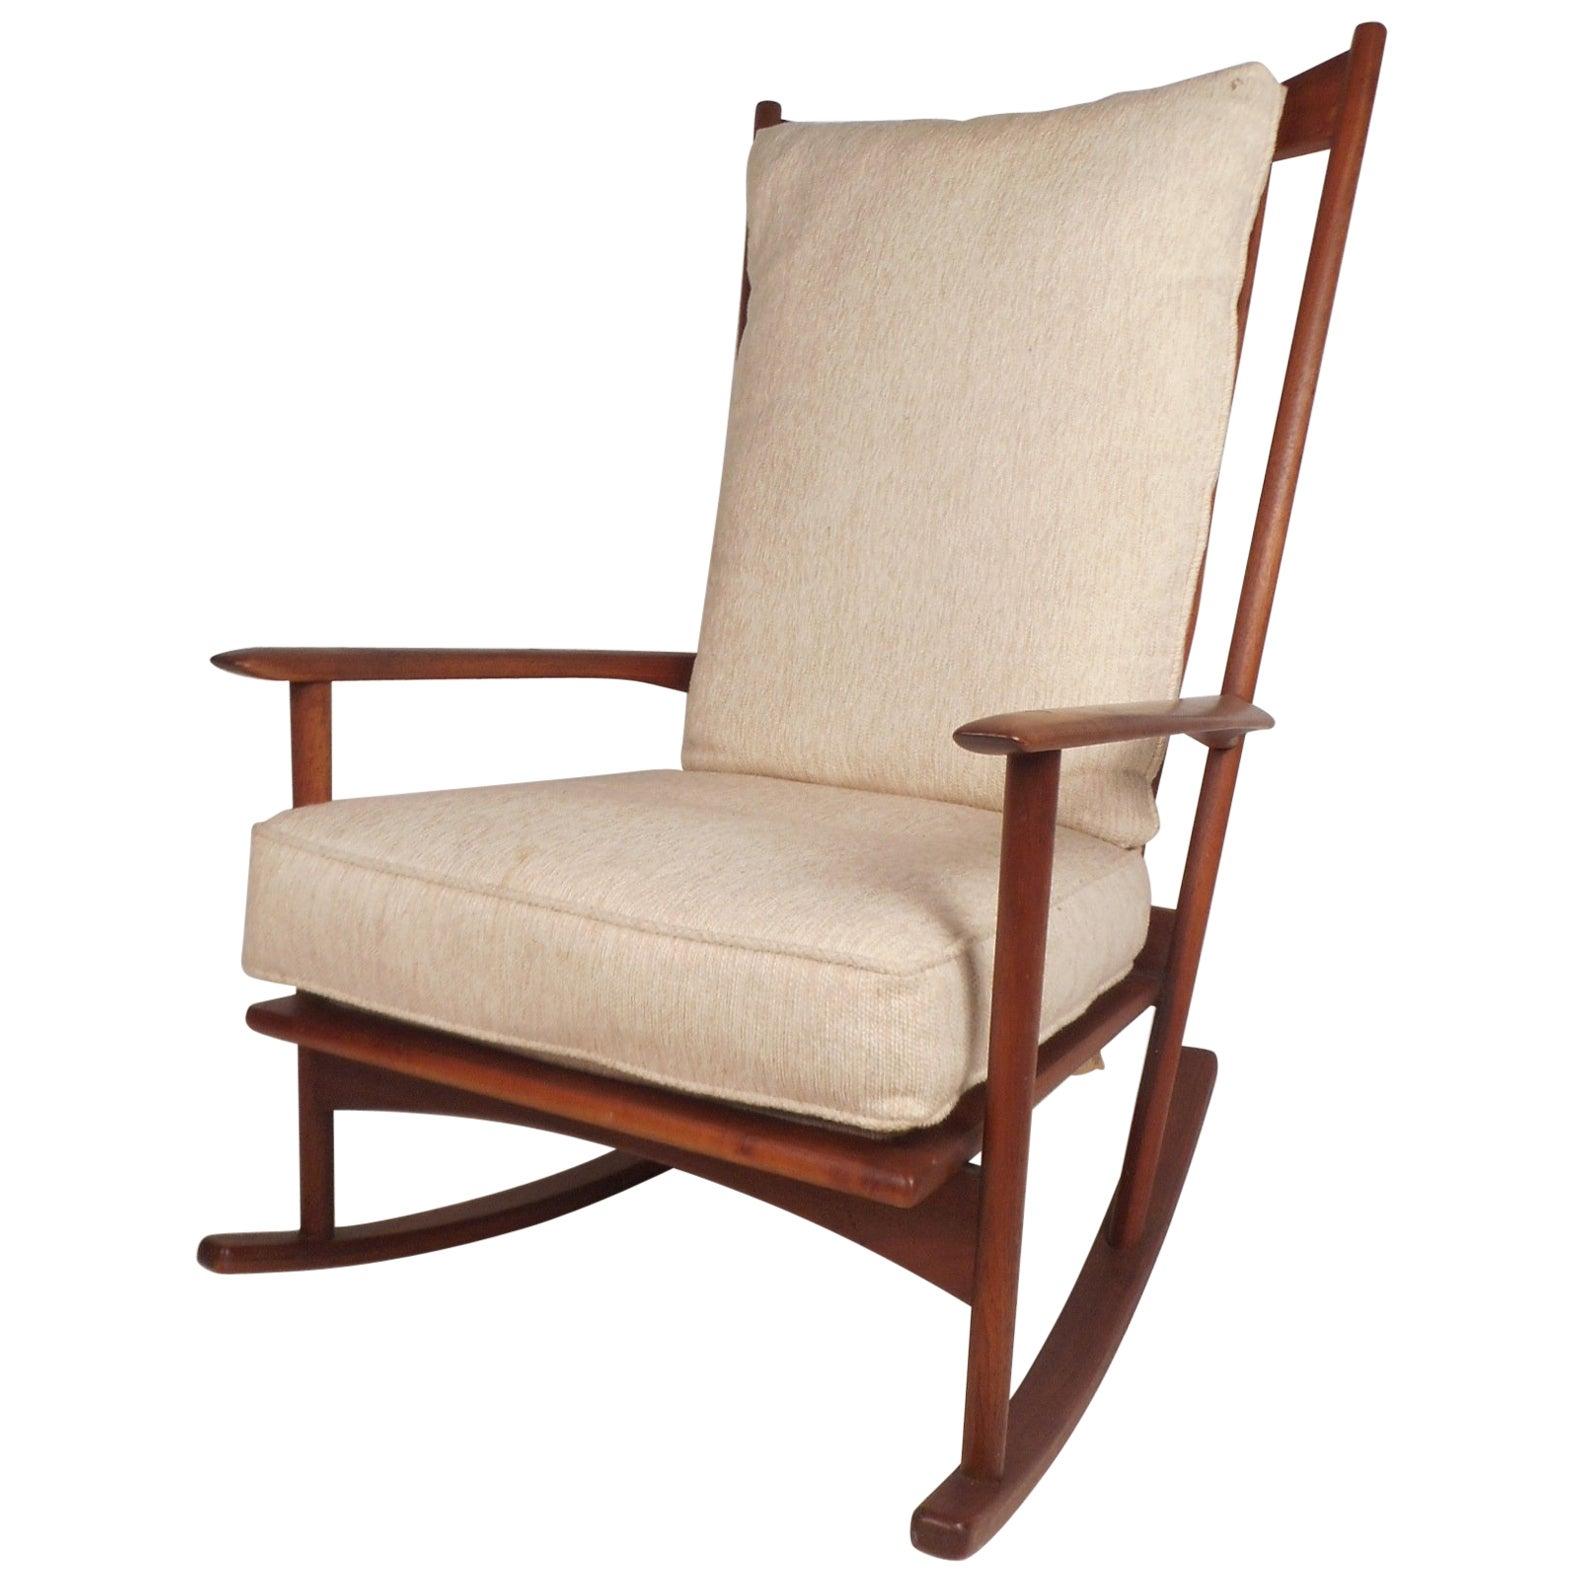 Verschiedene Schaukelstuhl Modern Referenz Von Rocking Chair By F. Mello And L.